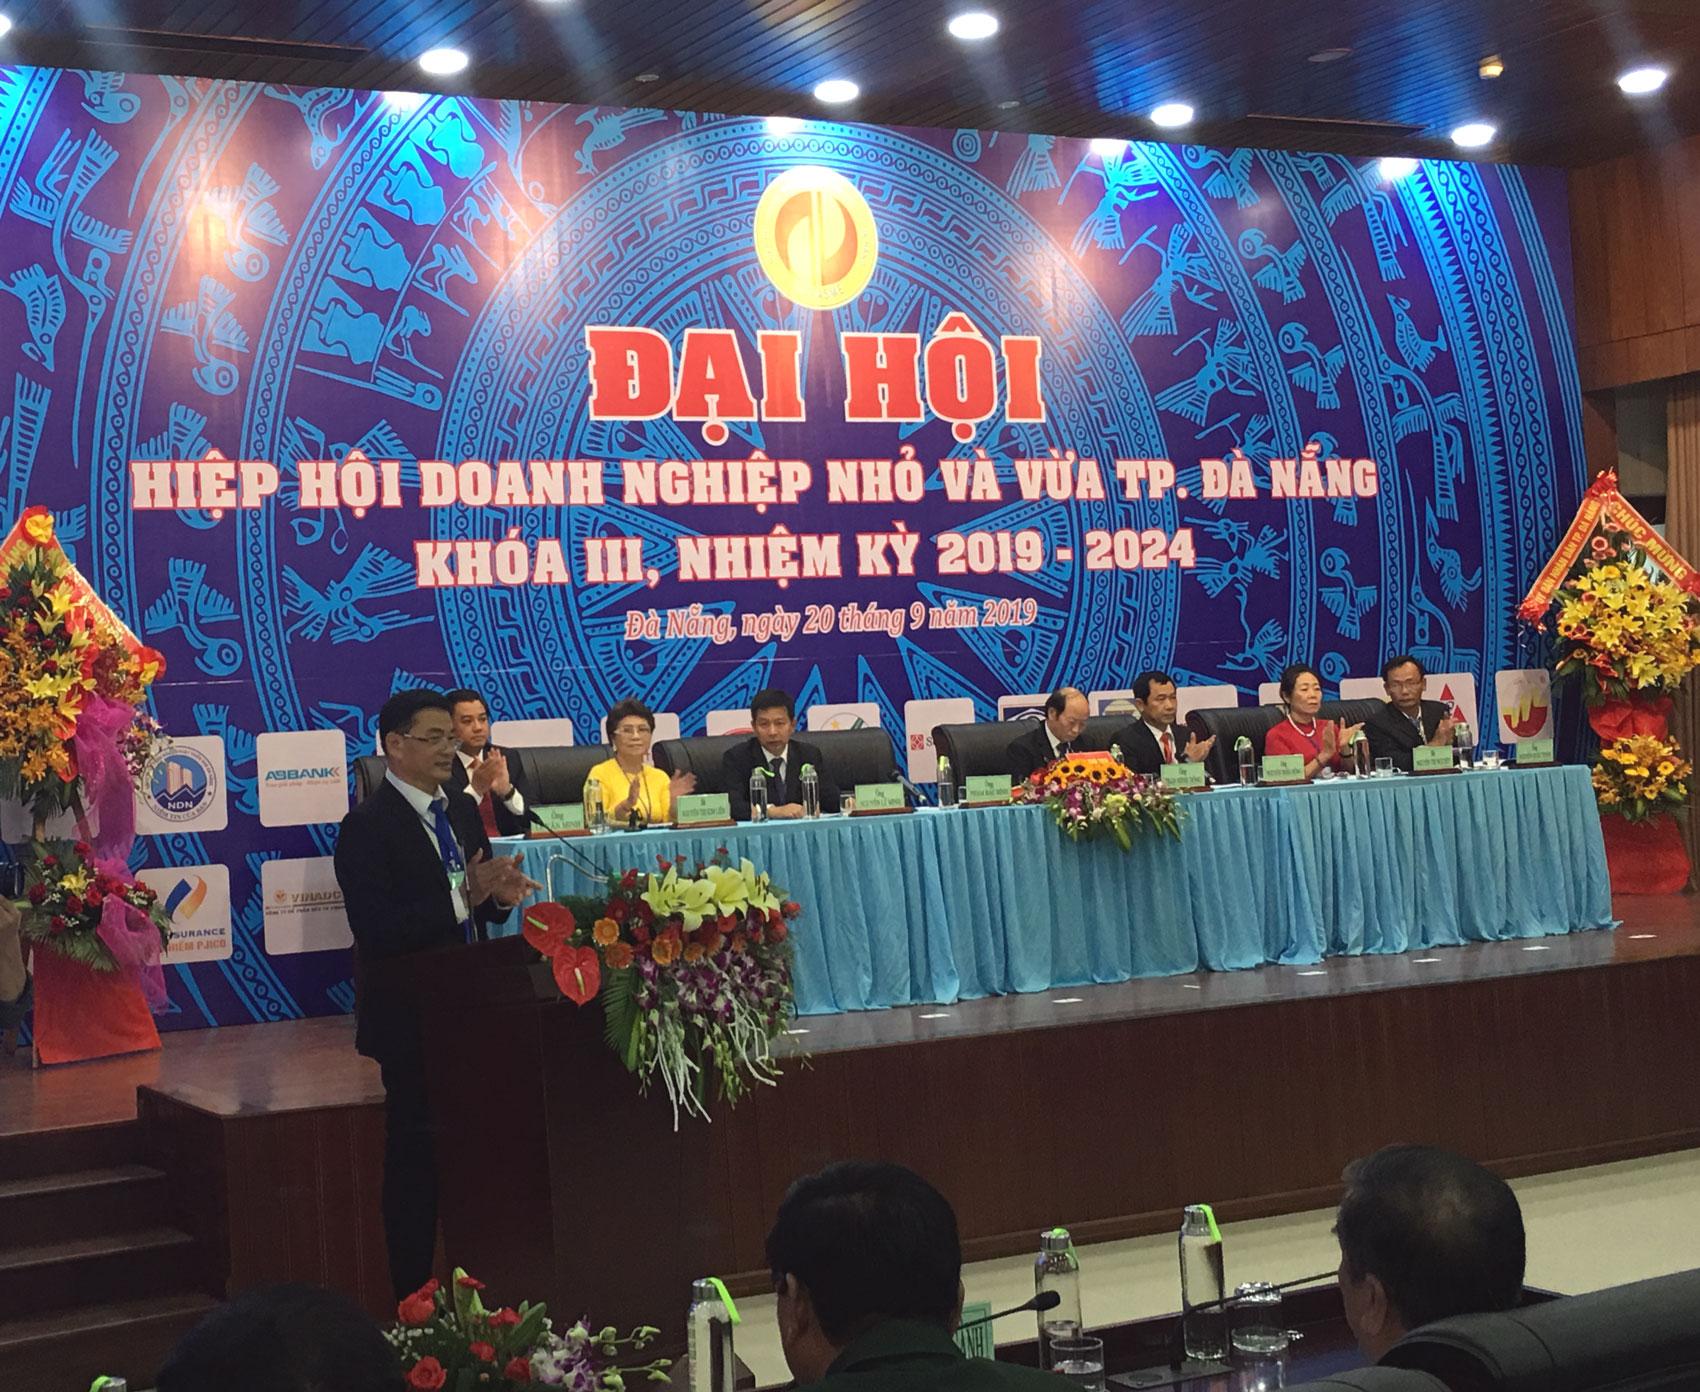 Các doanh nghiệp nhỏ và vừa đóng góp quan trọng cho sự phát triển TP. Đà Nẵng